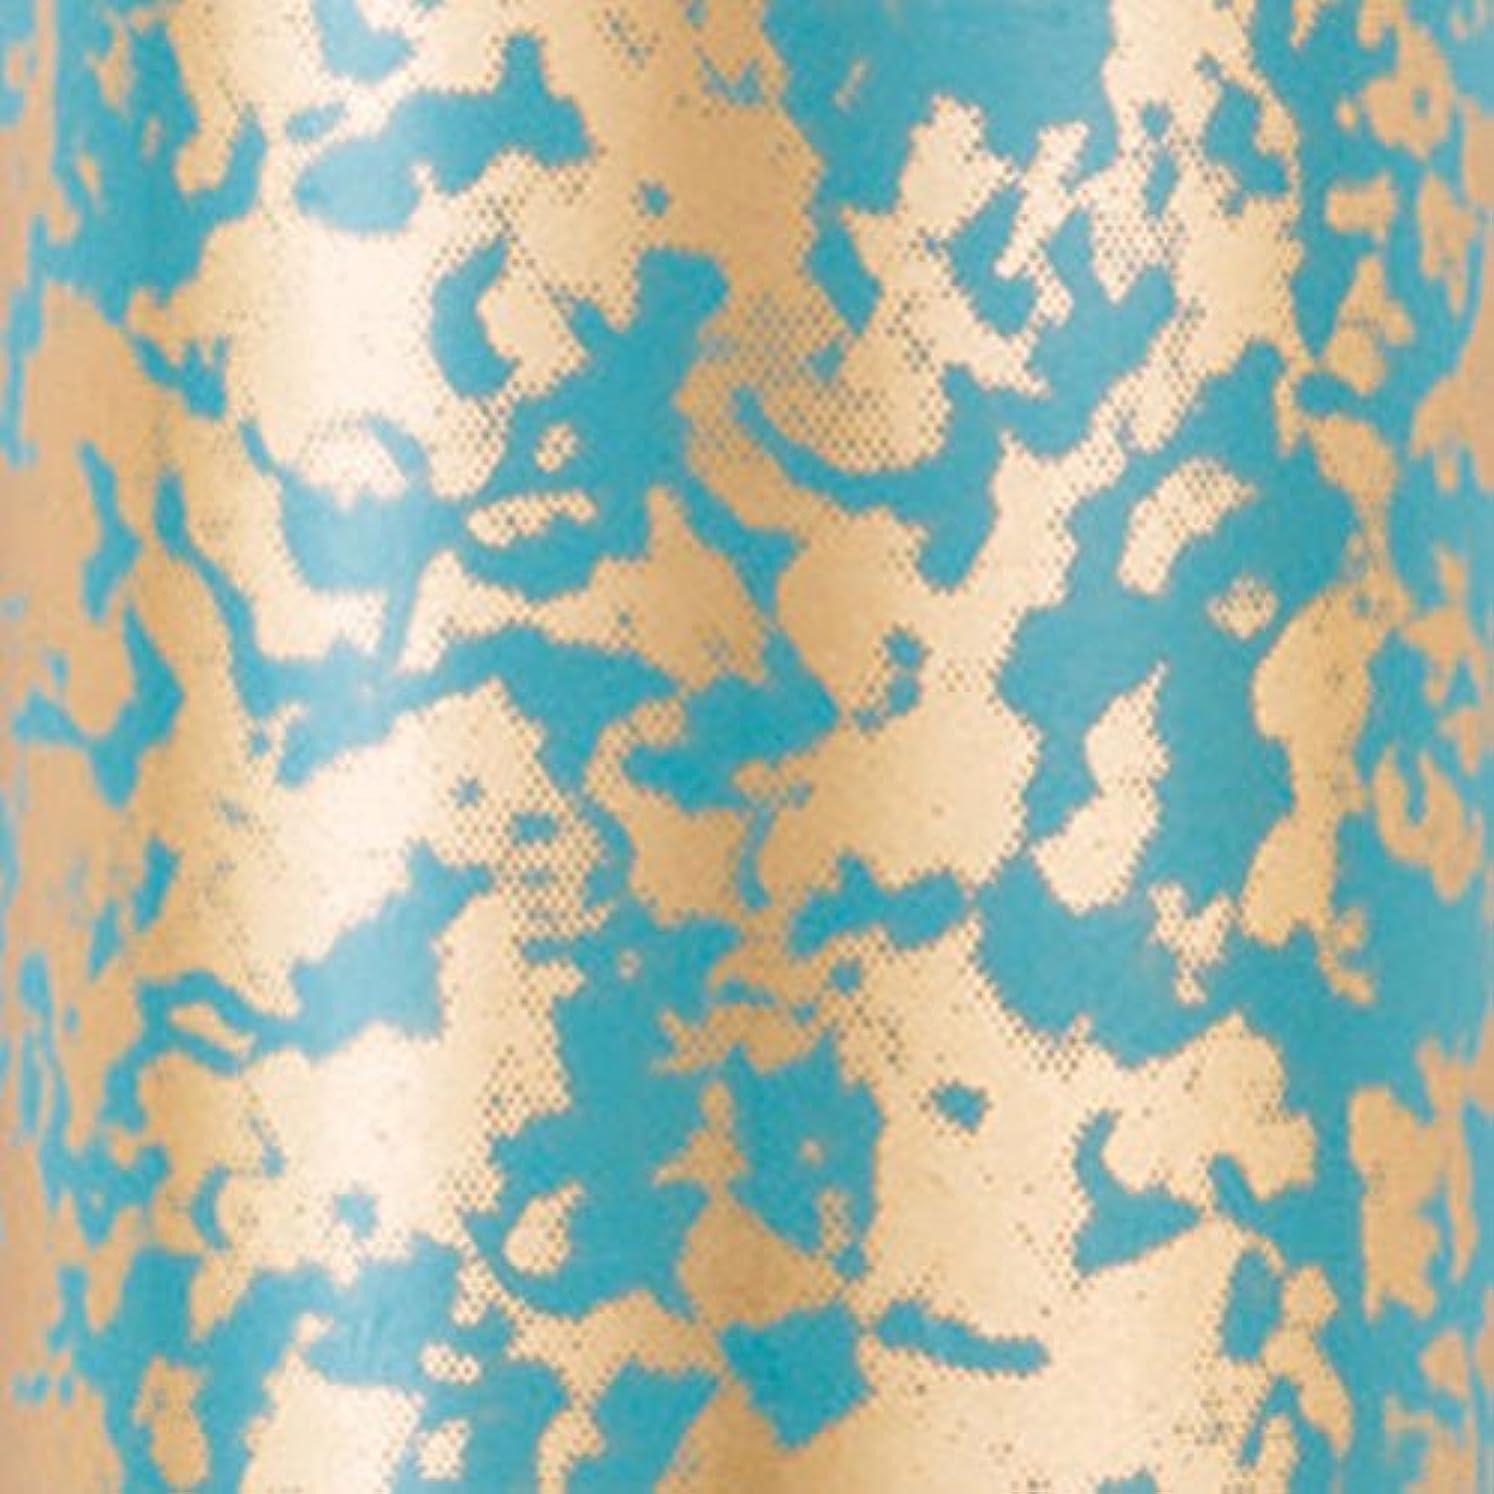 スノーケル記憶に残る積分BioSculpture ミラーフォイル ジェイド ジェルアート専用のアートツール アート材